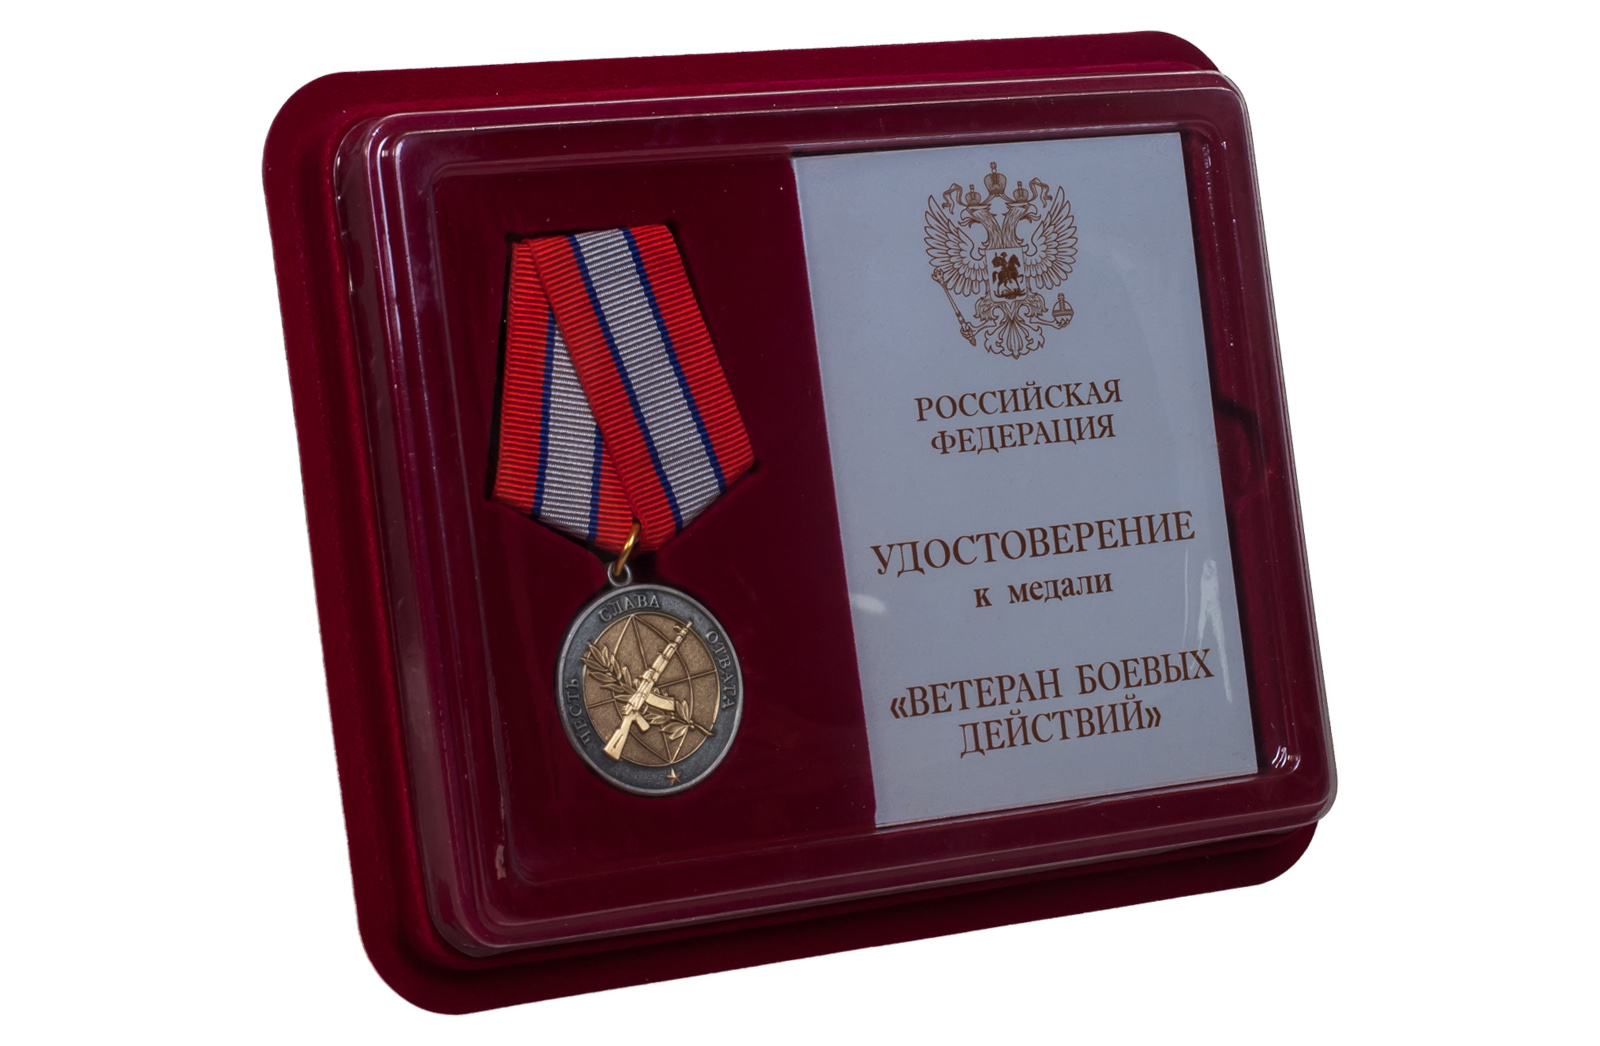 Купить медаль Ветеран боевых действий по выгодной цене